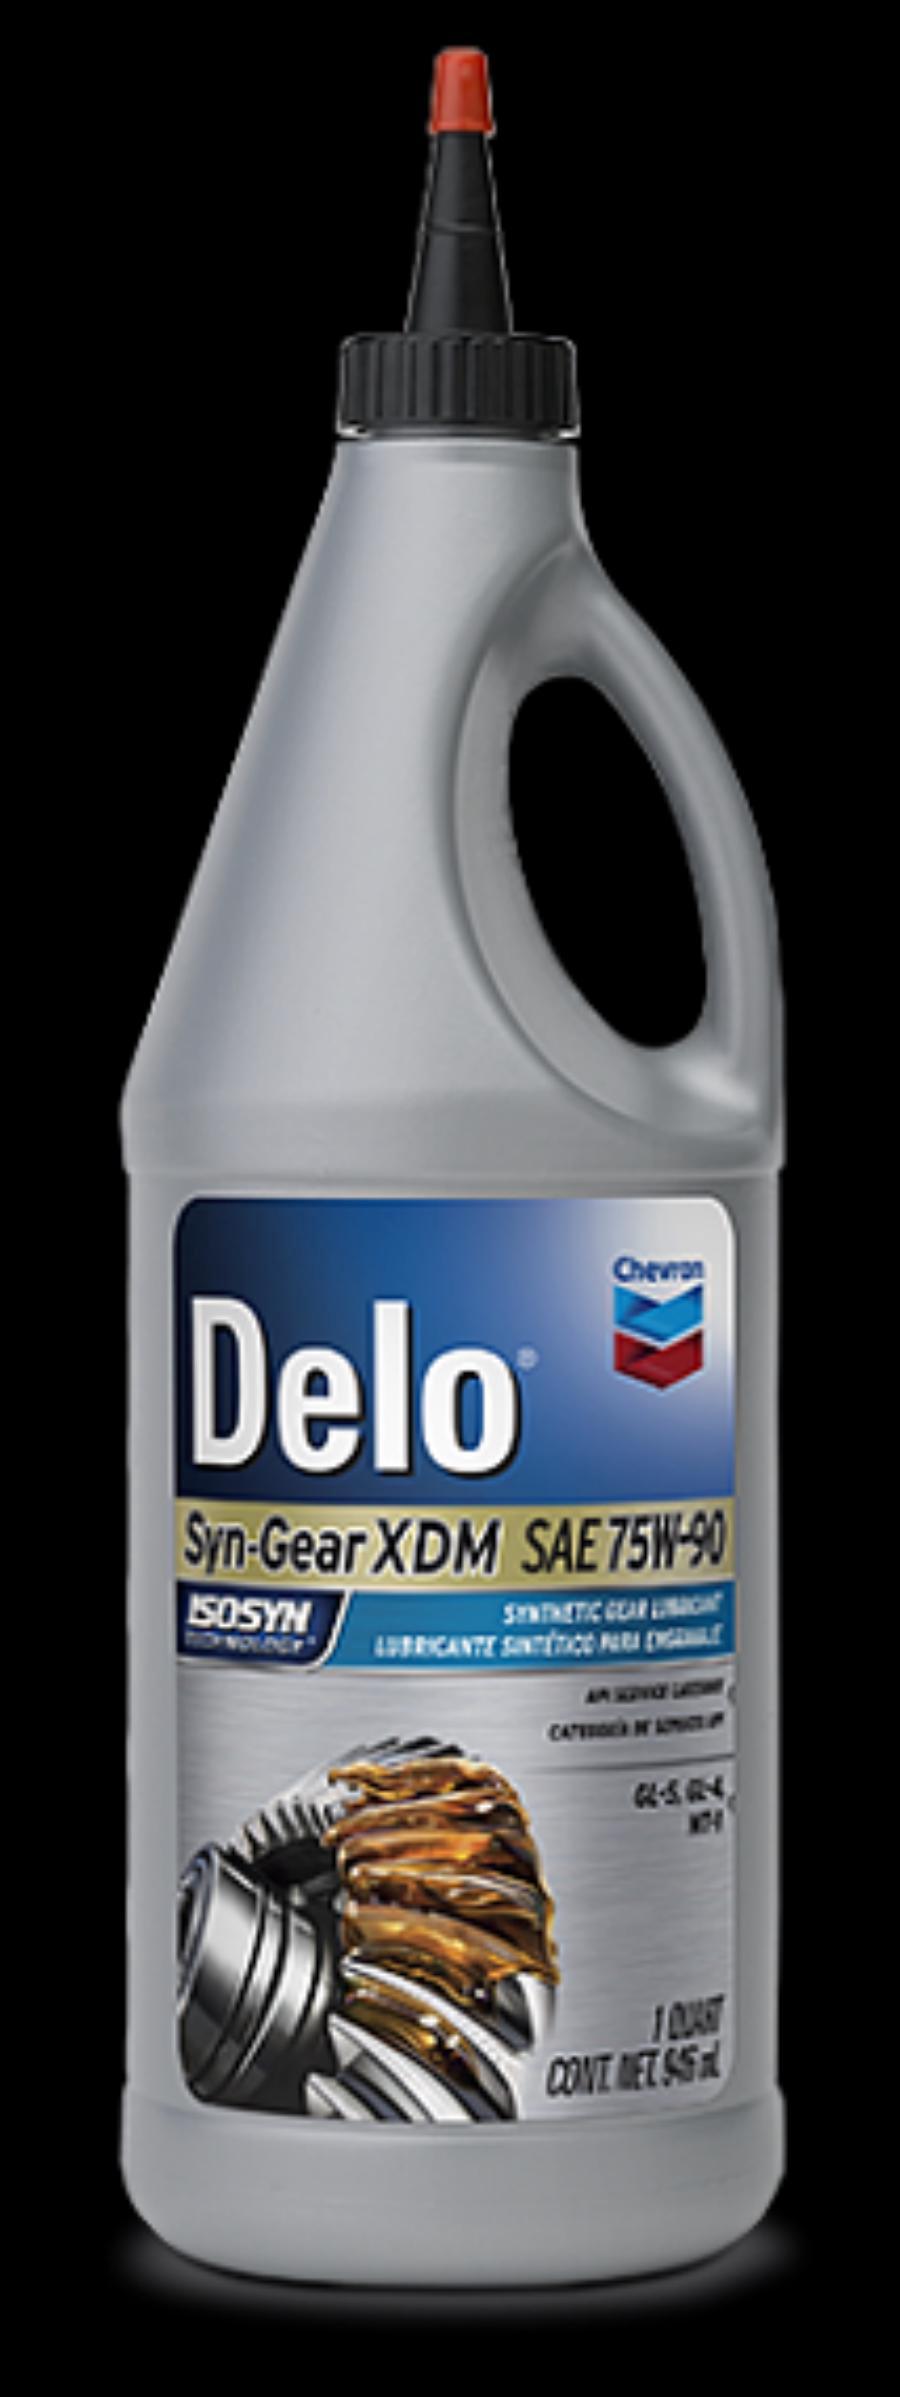 DELO Syn- Gear XDM SAE 75W-90 0.816 кг.